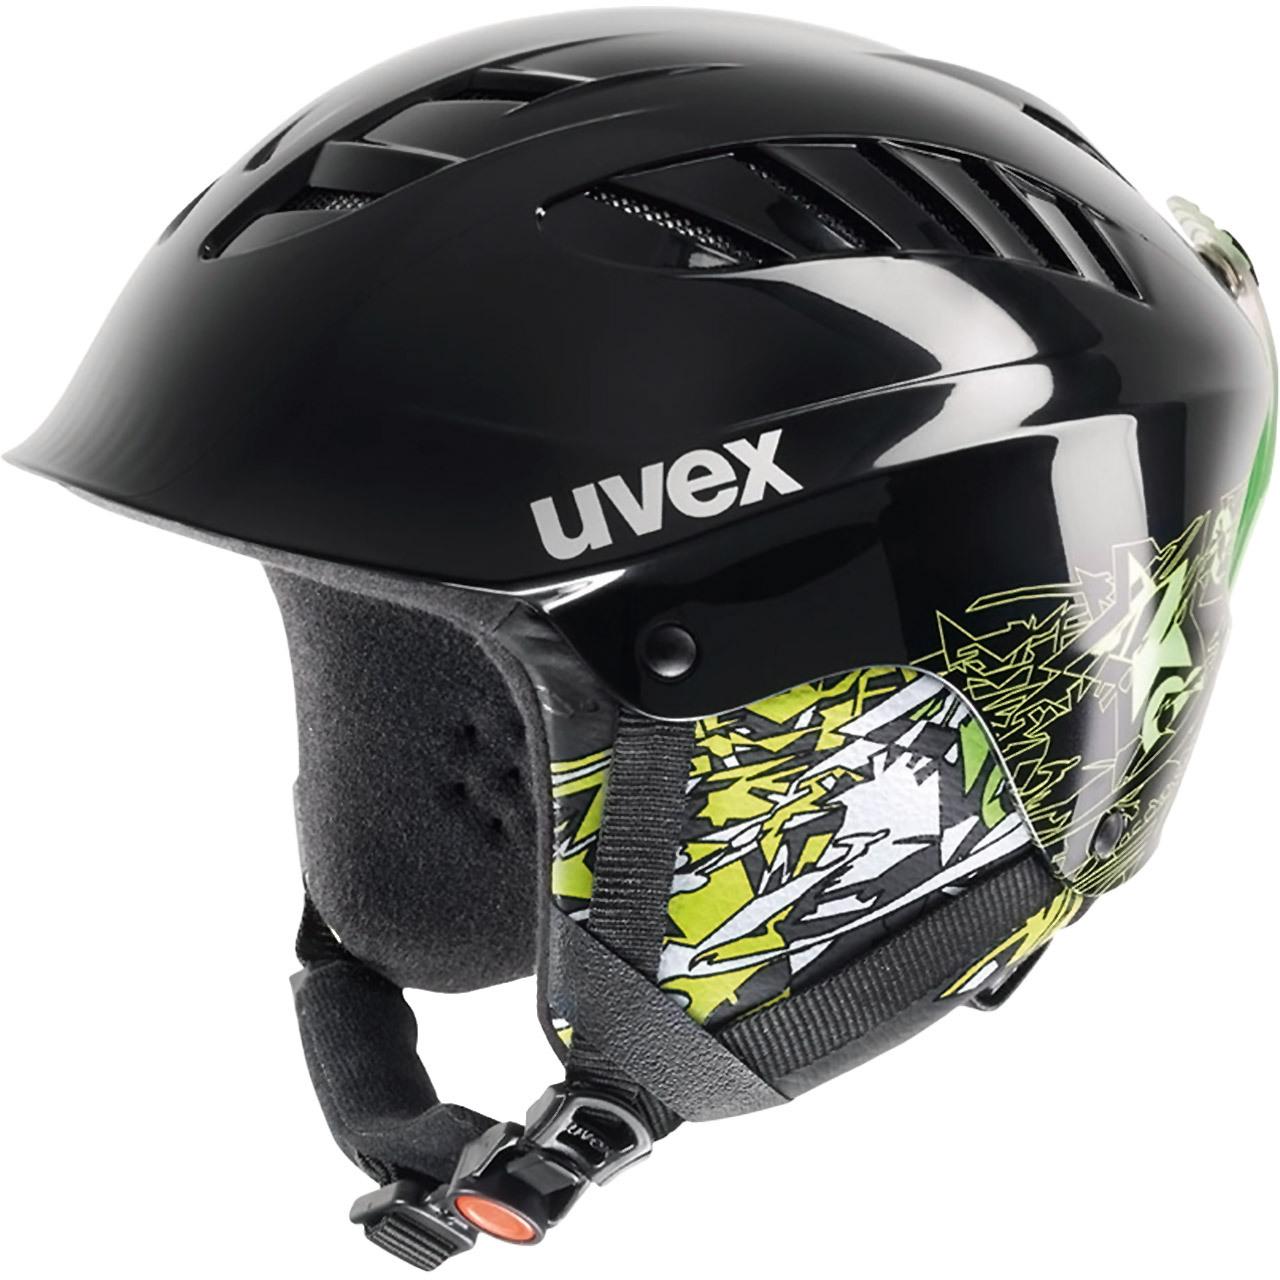 Uvex X-ride Junior Motion-0